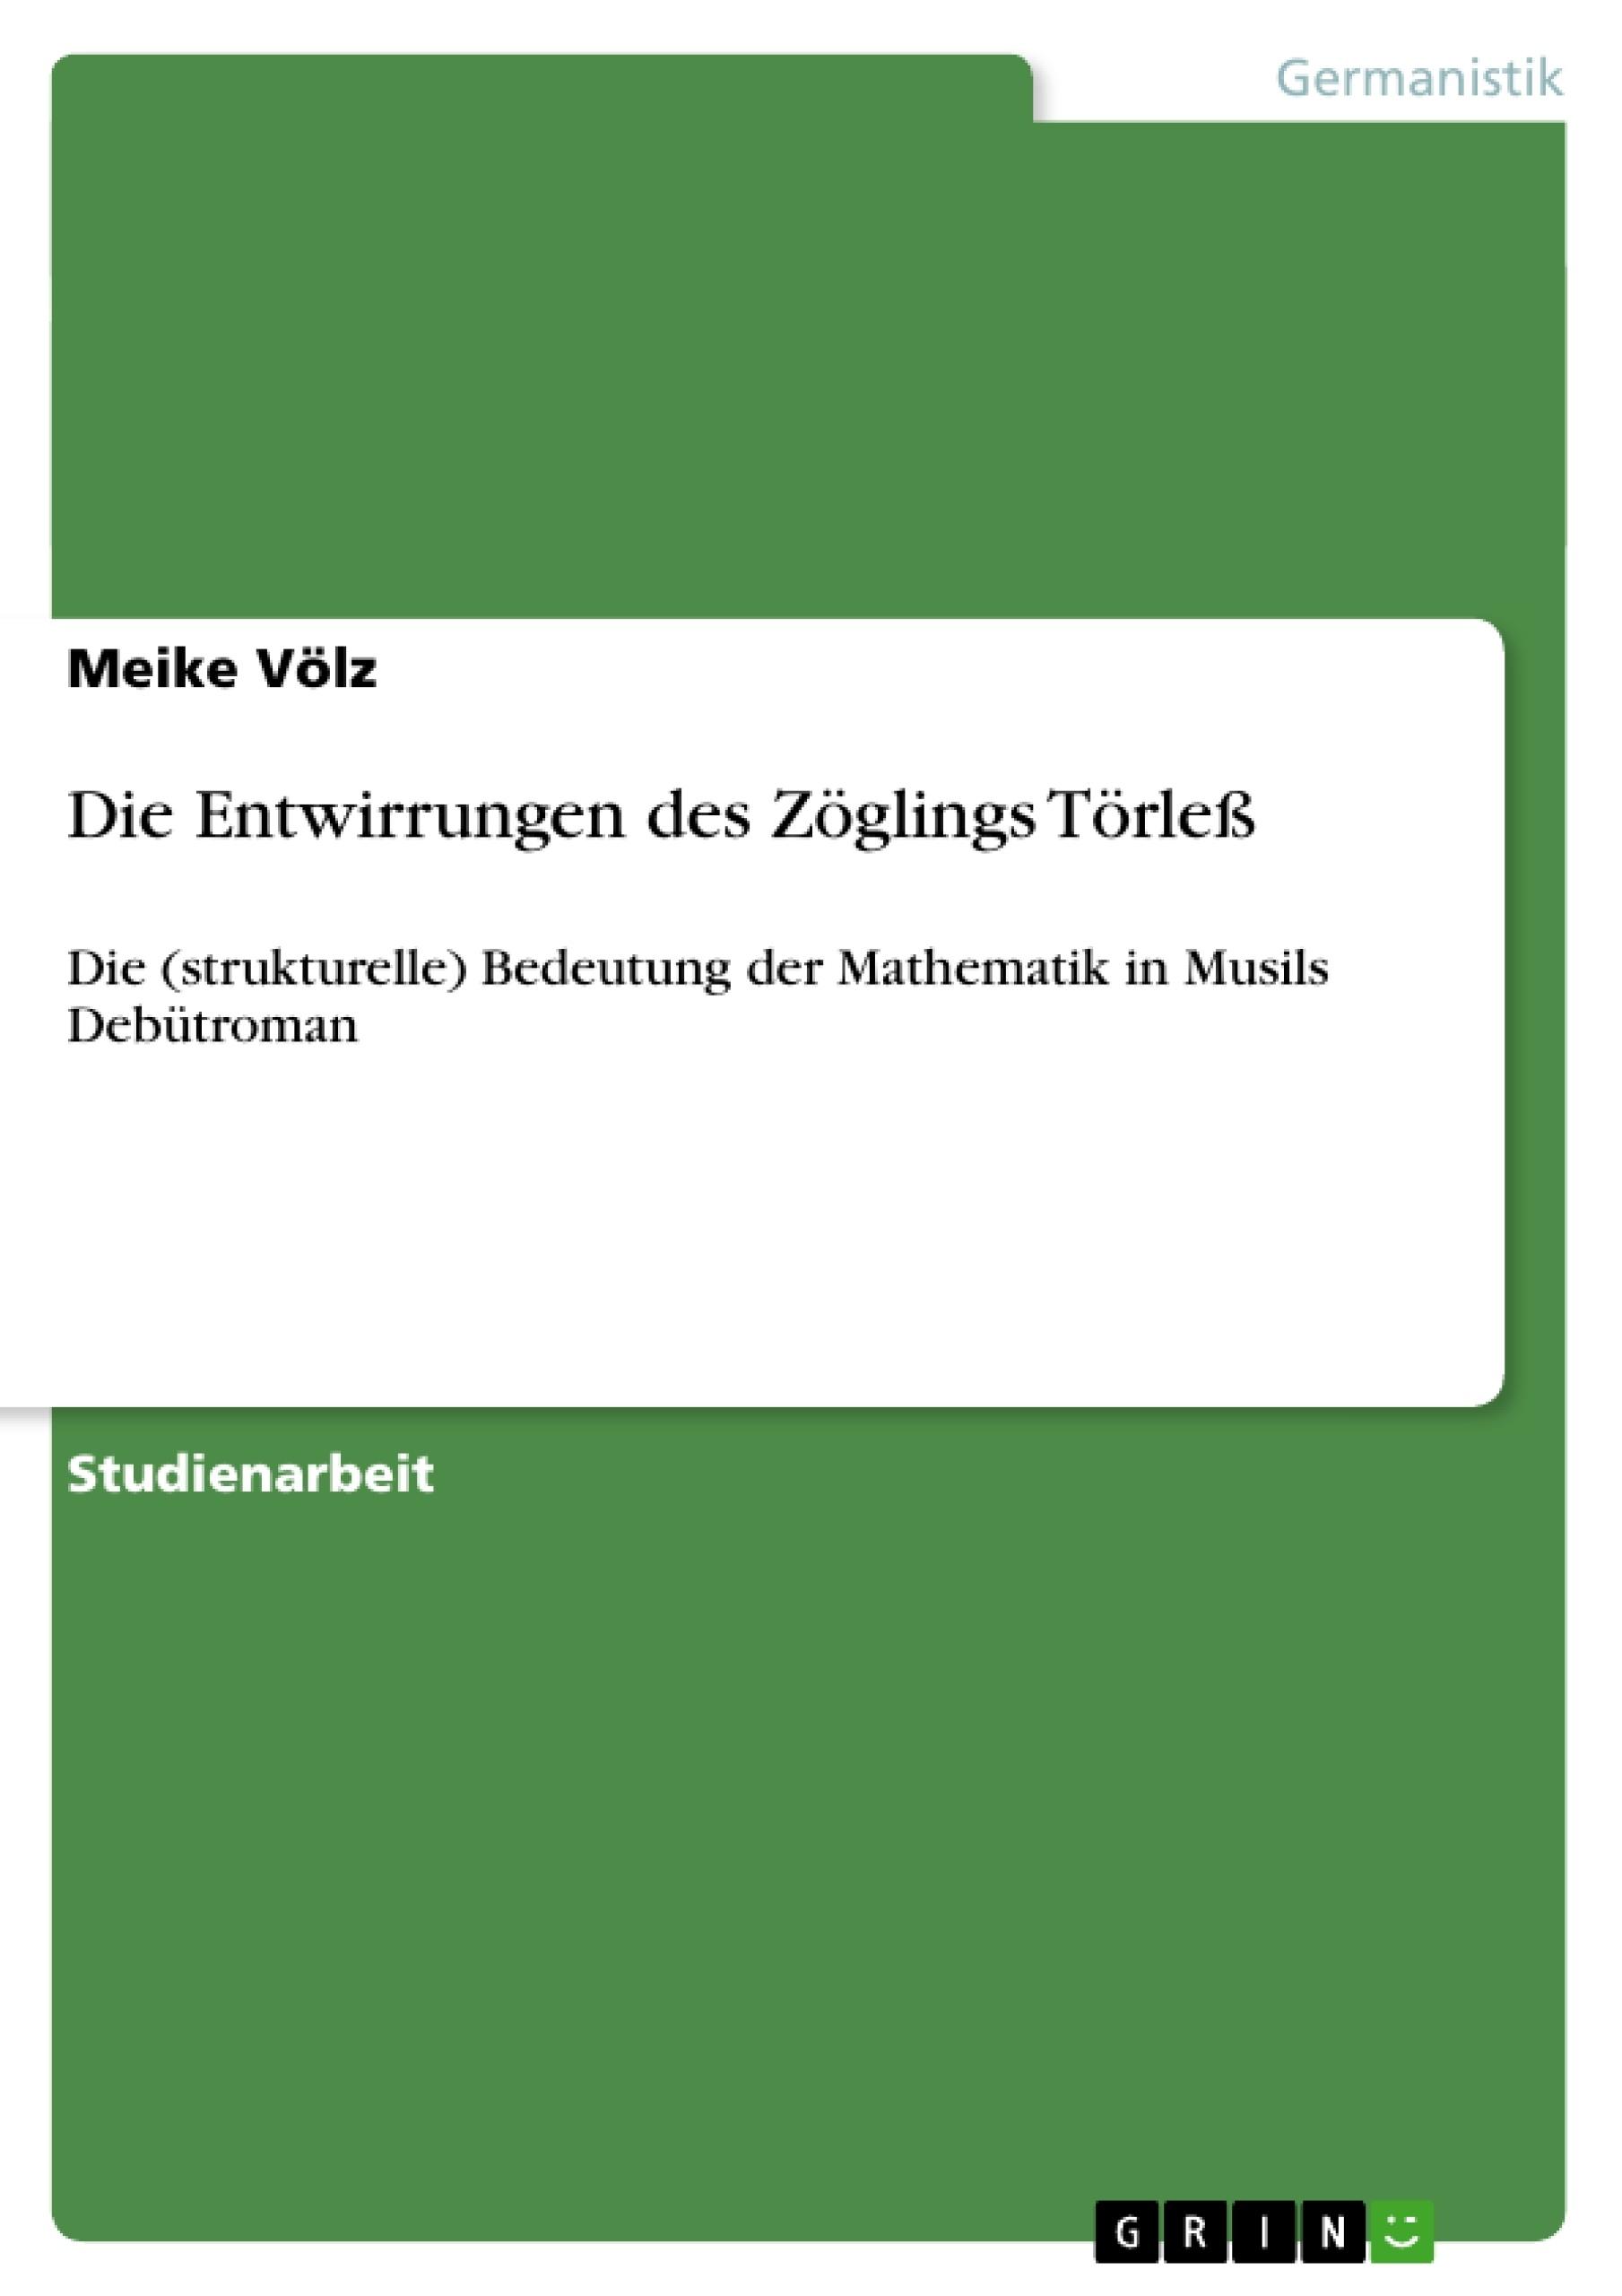 Titel: Die Entwirrungen des Zöglings Törleß